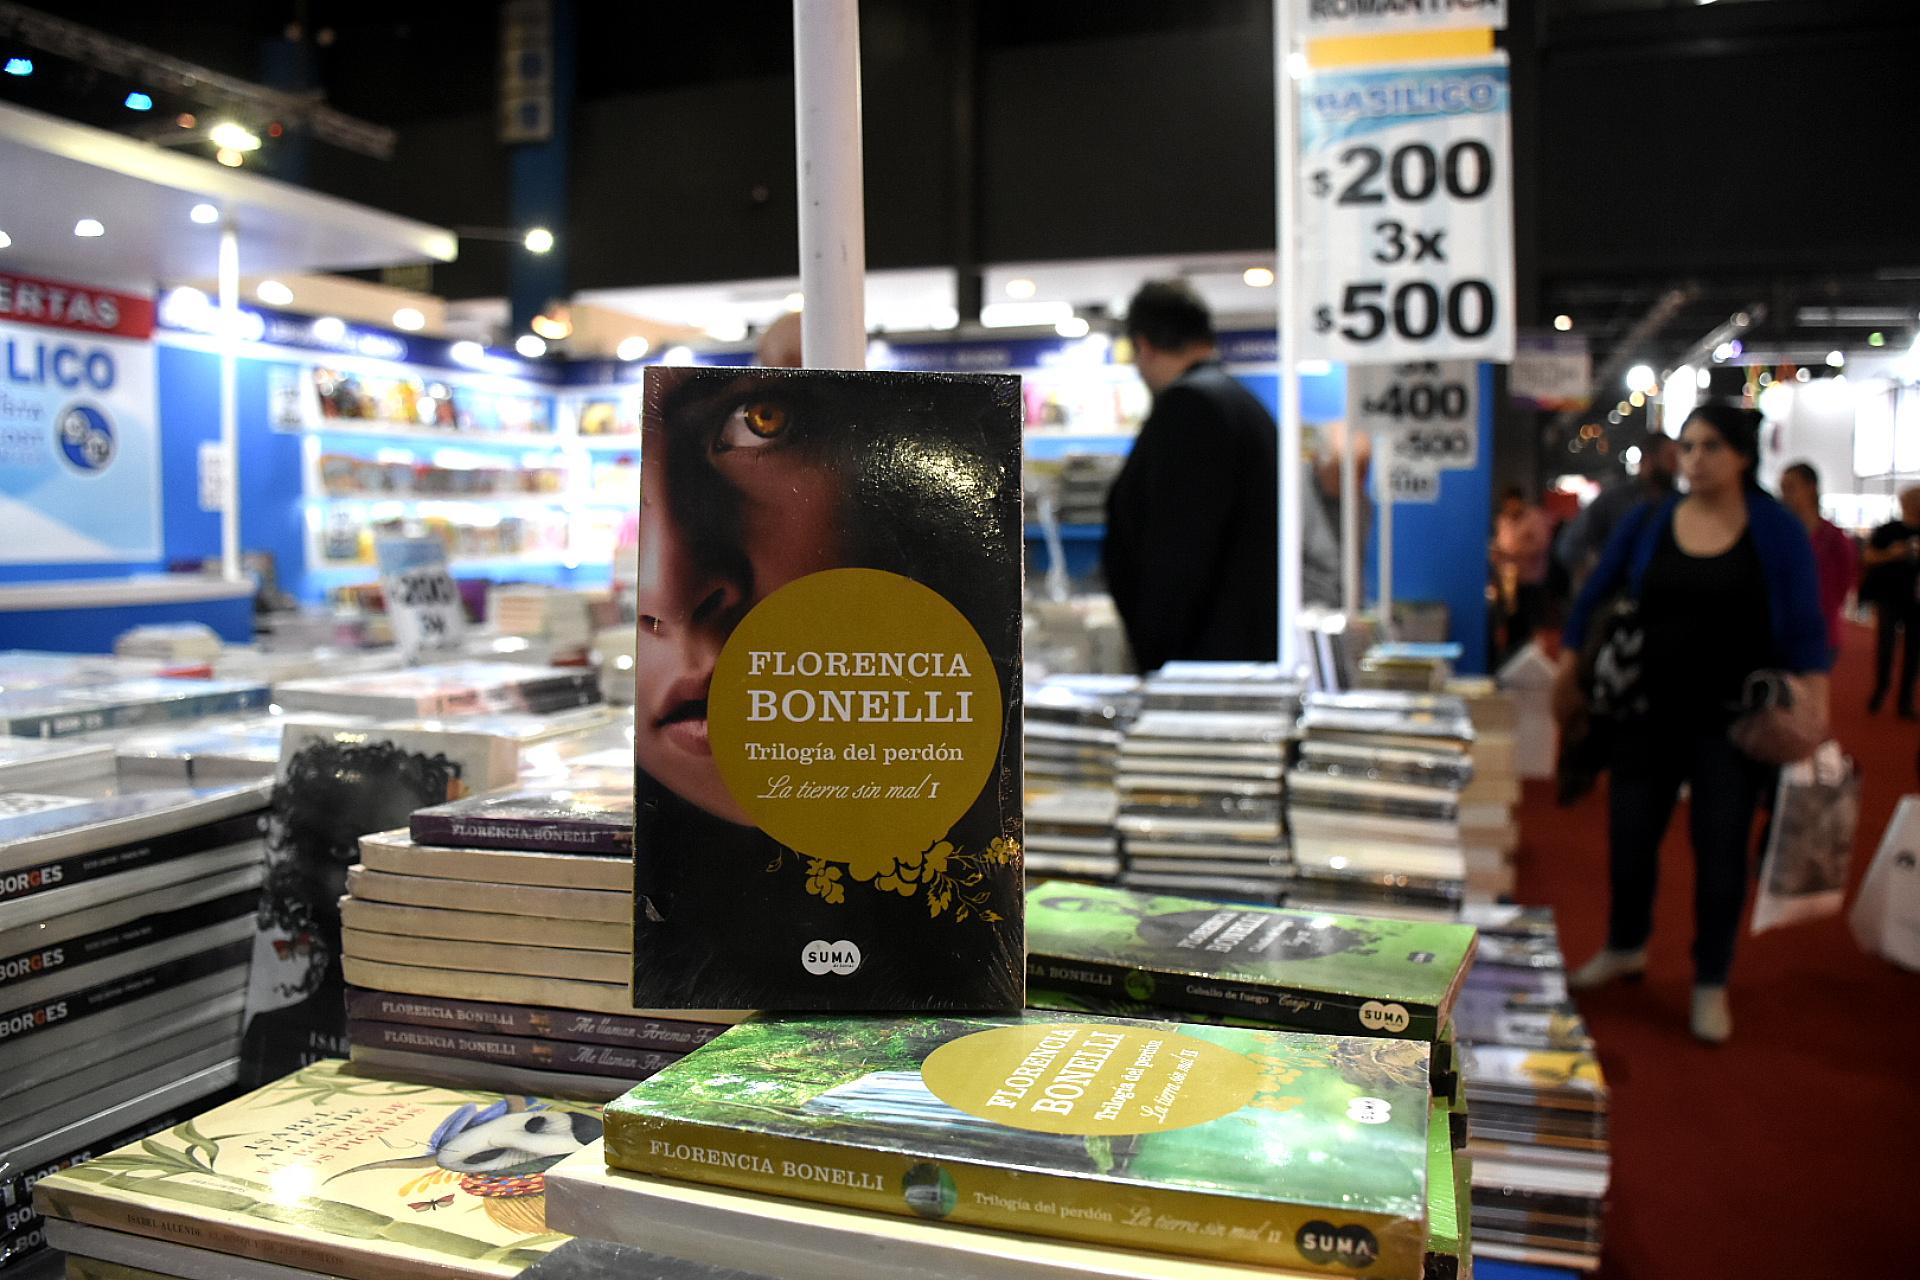 Libros de Florencia Bonelli a $200 en Basílico (Nicolás Stulberg)